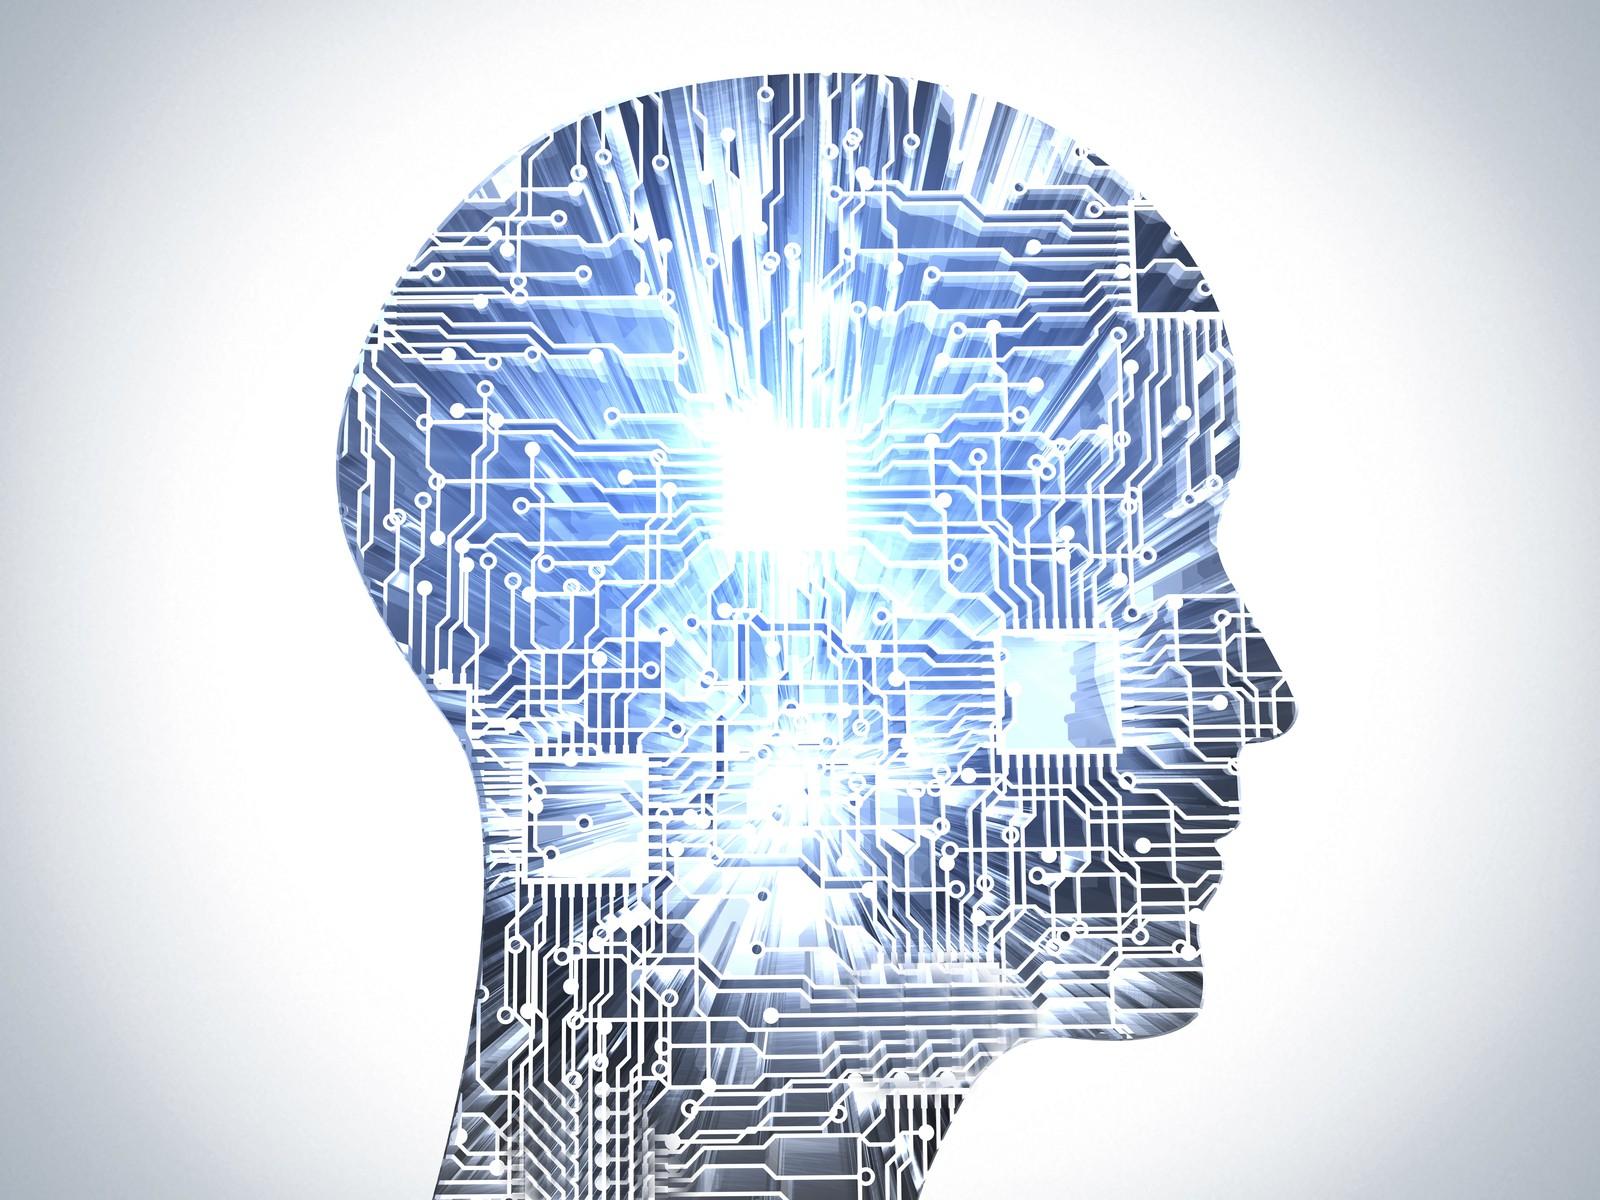 Искусственный интеллект и умные города – тренды 2020 года